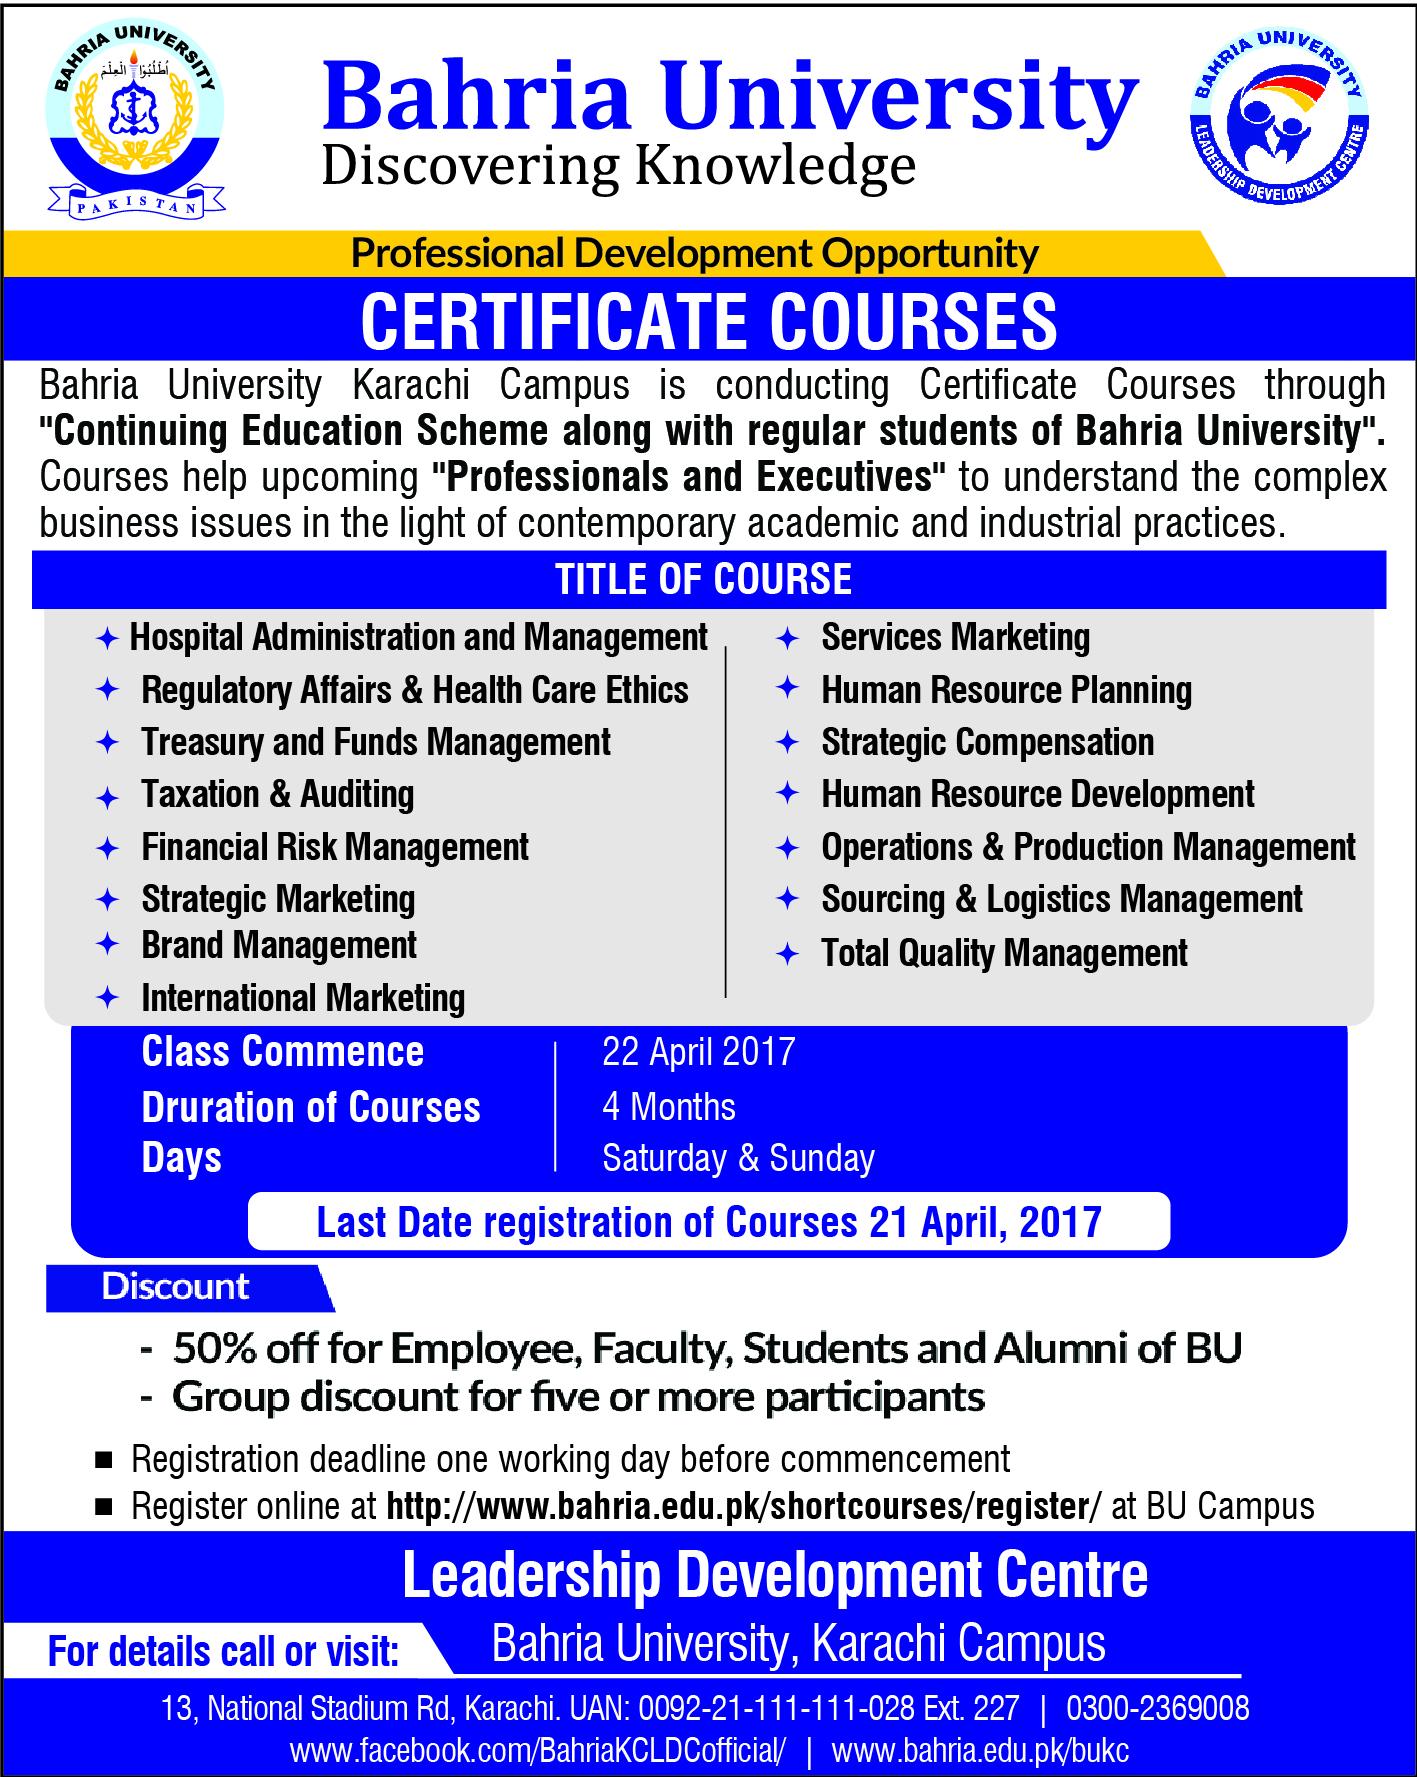 Certificate courses bukc bahria university karachi campus xflitez Image collections